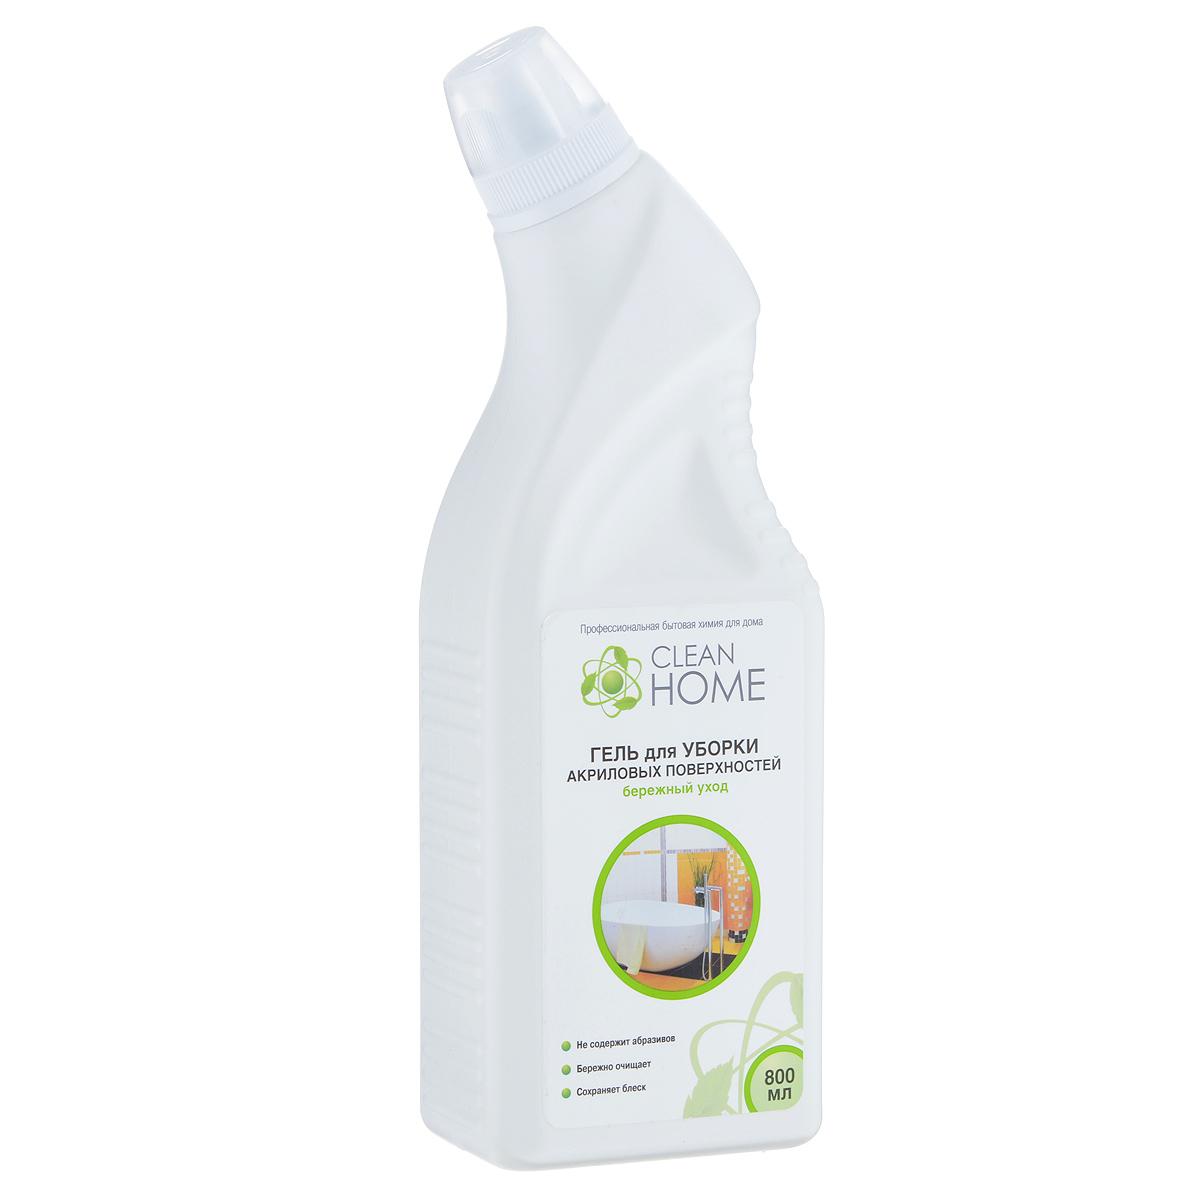 Гель Clean Home, для уборки акриловых поверхностей, 800 мл438Гель для уборки акриловых поверхностей Clean Home создан специально для основательной чистки, обеззараживания и обновления акриловых ванн, душевых кабин, а также для профилактики и очистки систем джакузи. Также подходит для эмалированных ванн, раковин, унитазов, керамики. Удаляет стойкие и застарелые загрязнения, мыльный налет, известковые отложения и водный камень. Создает пленку, которая защищает поверхность от быстрого загрязнения, облегчает последующий уход, продлевает срок службы и придает блеск на долгое время. Линия профессиональной бытовой химии для дома Clean Home представлена гаммой средств для стирки и уборки дома. Clean Home - это весь необходимый ряд высокоэффективных универсальных средств европейского качества. Состав: вода, менее 5% НПАВ, органическая кислота, полимер, функциональные добавки, гидроксид натрия, ароматизатор.